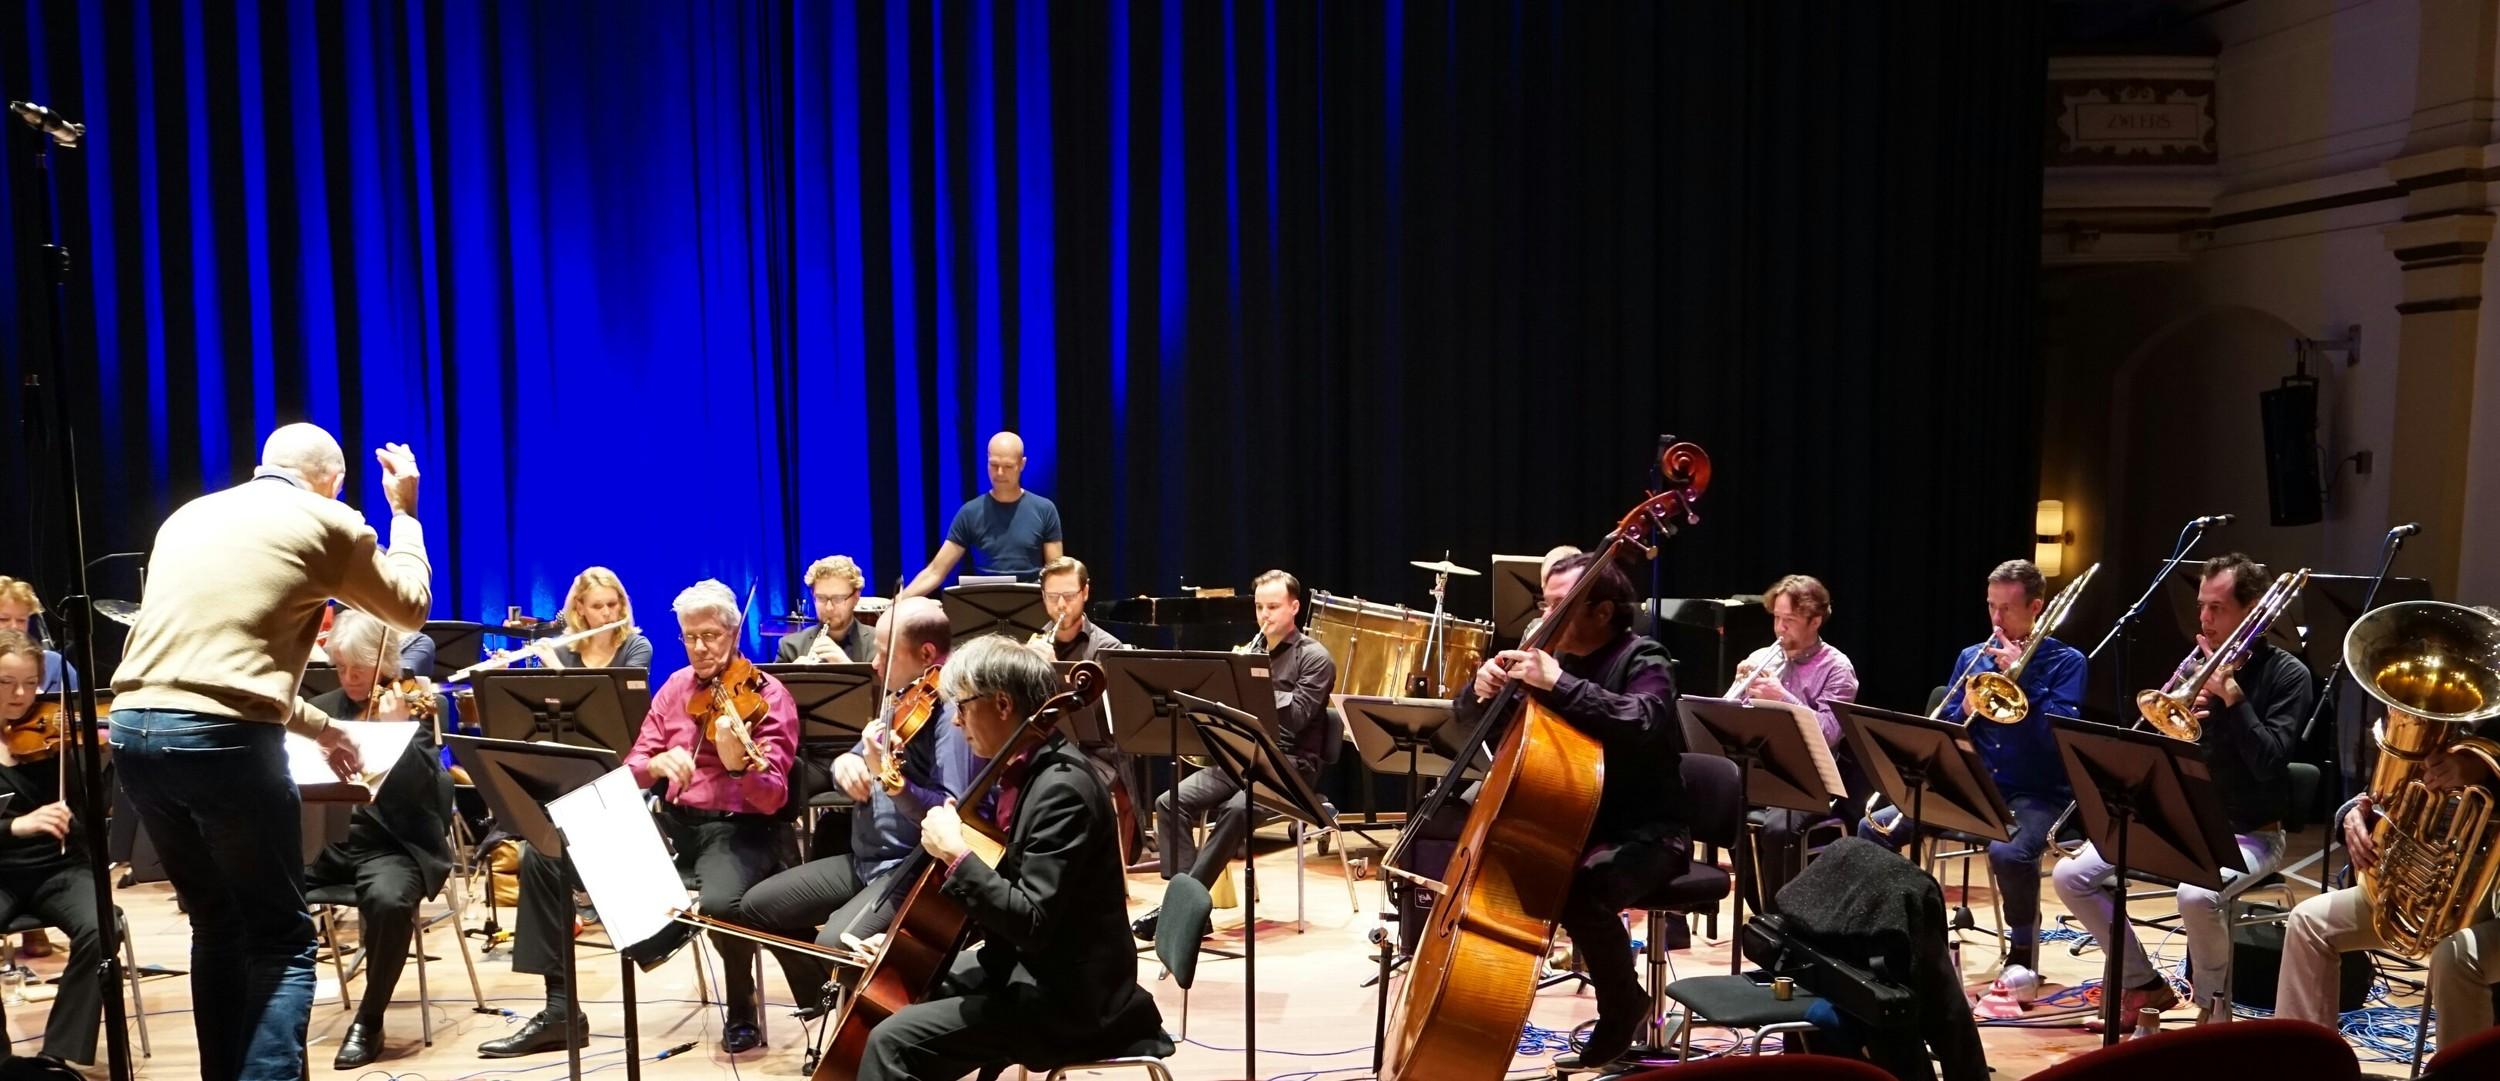 Dress rehearsal at Musis Sacrum, Arnhem.